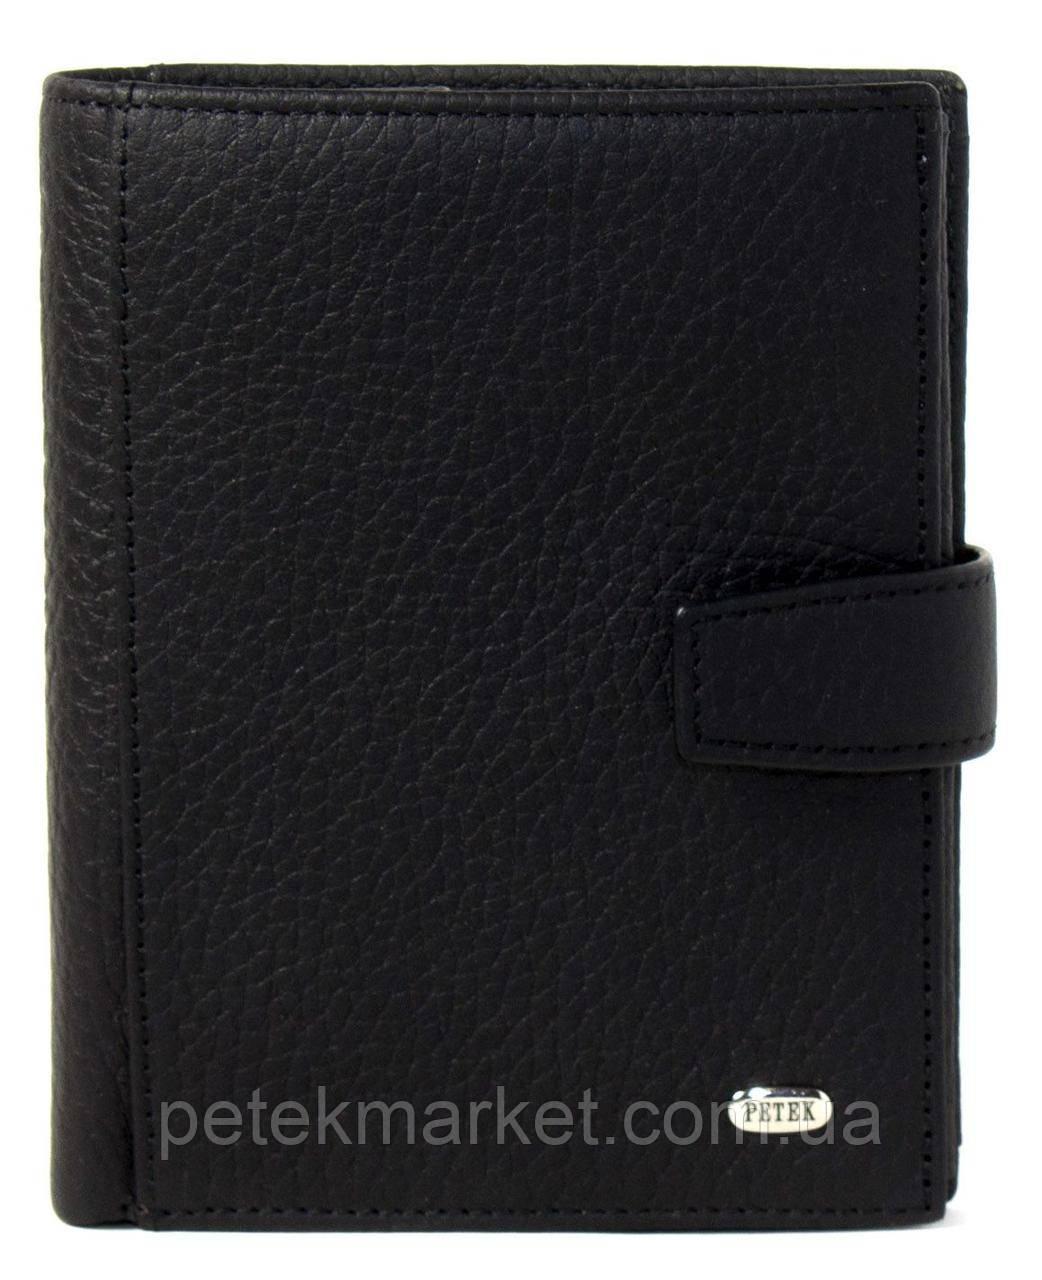 Кожаное мужское портмоне Petek 297-234-01